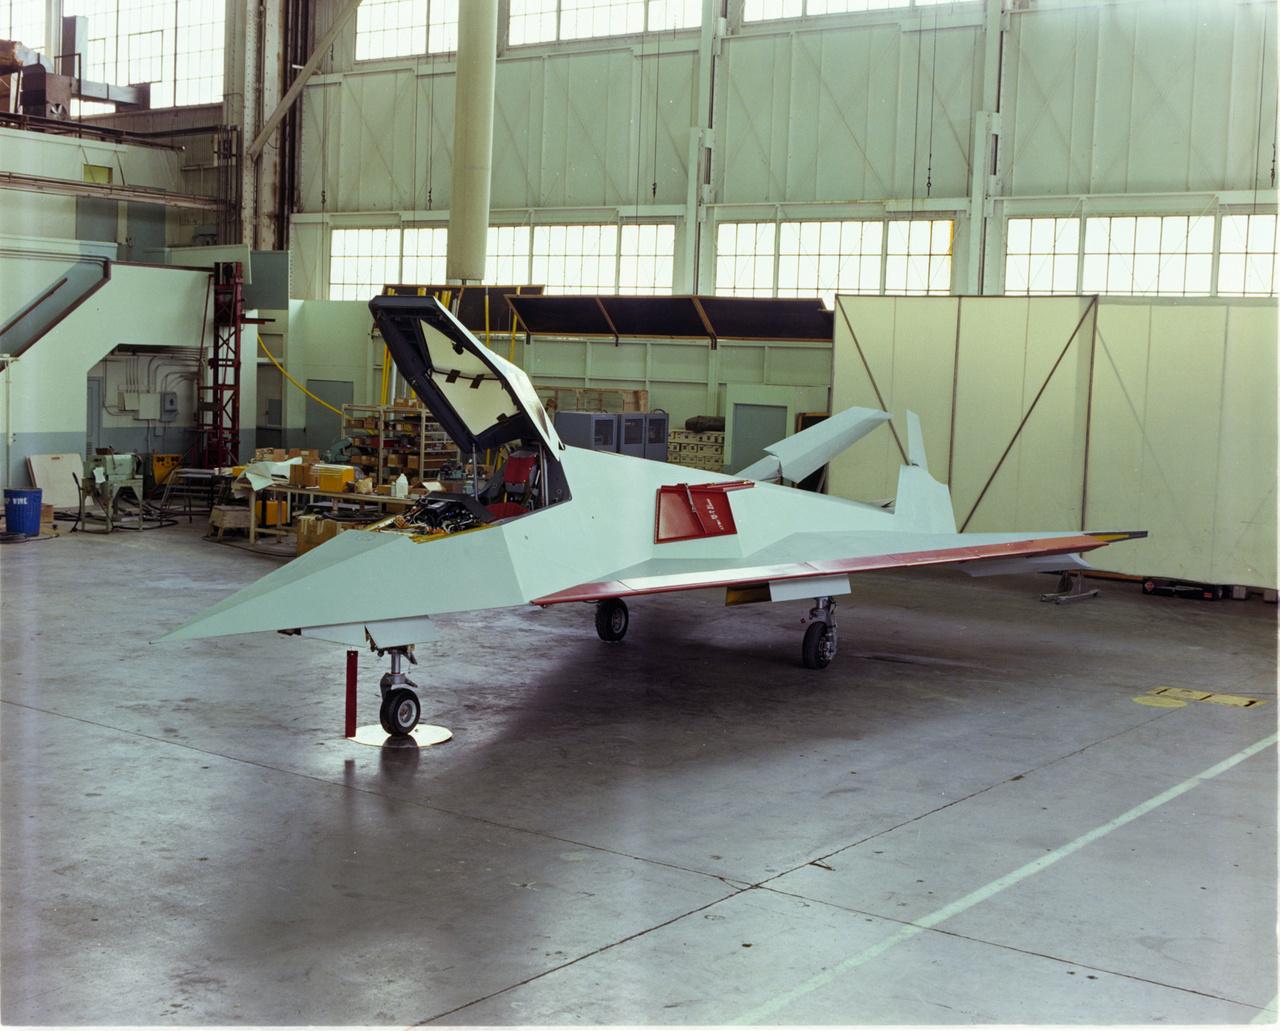 A hetvenes években Két Have Blue lopakodó prototípus épült, amiket 64 F-117-es követett az évek során. Mindkét Have Blue tesztrepülés közben zuhant le, ennek ellenére a programot sikeresnek nyilvánította a légierő.